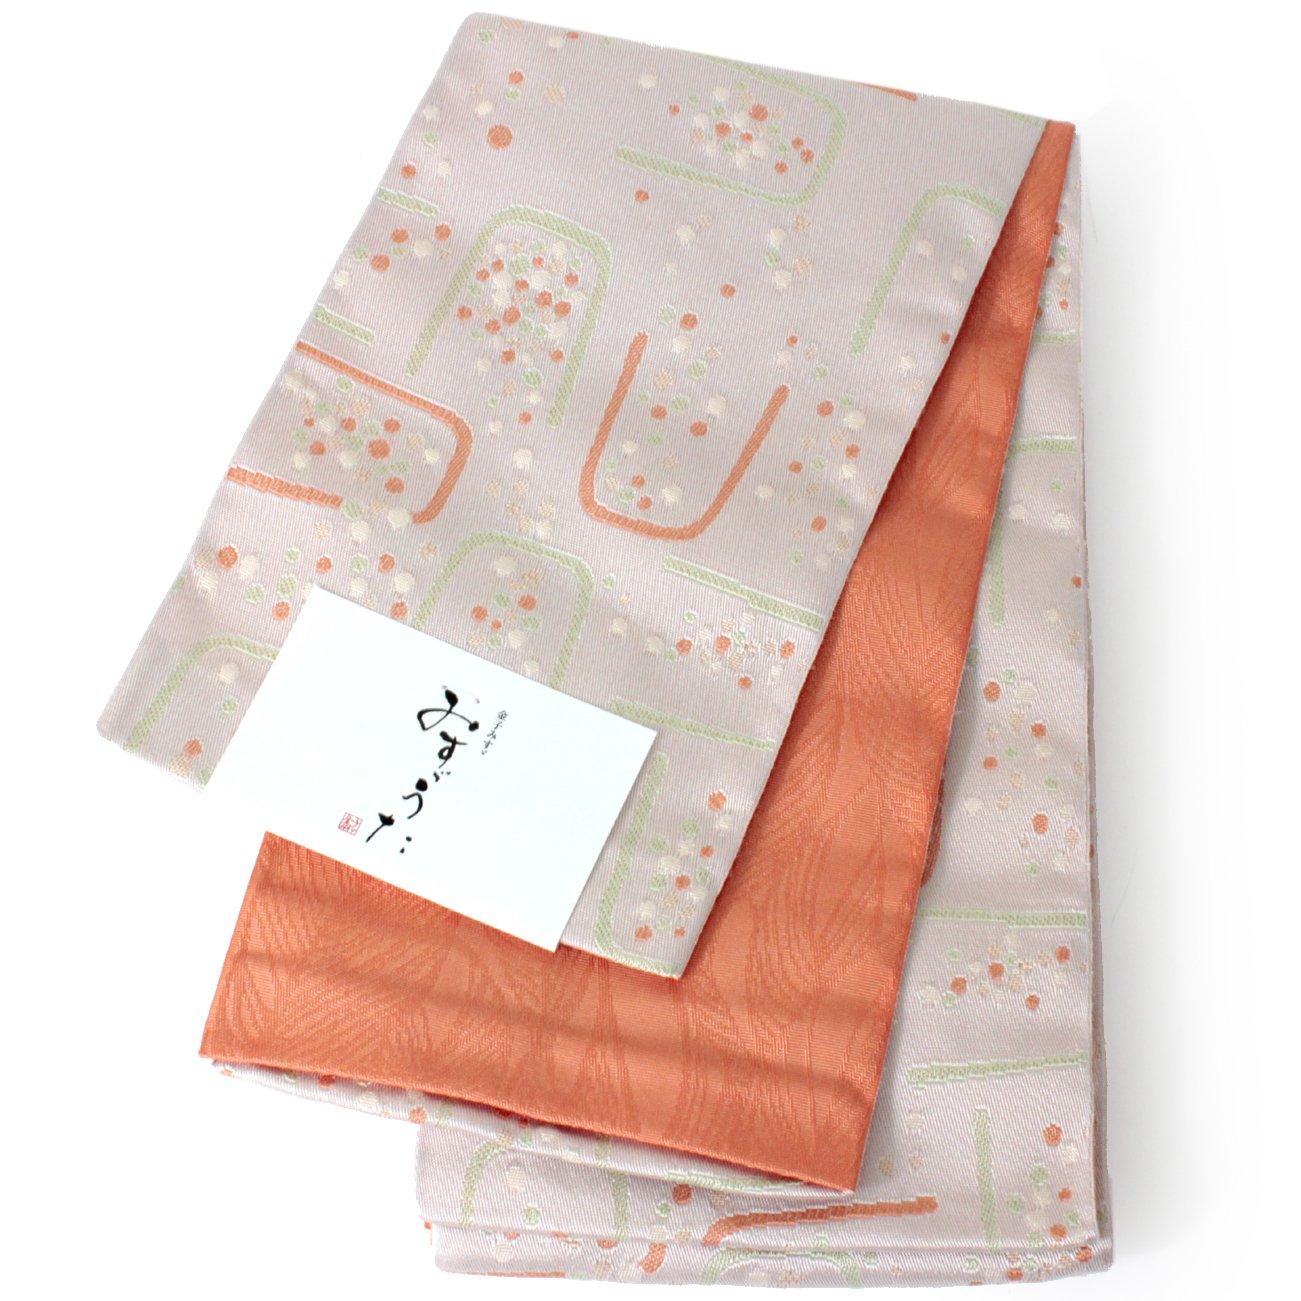 きもの京小町 帯 レディース 単品 みすゞ 半幅帯 浴衣 リバーシブル 長尺 金子みすゞ B07DMWX8PH オレンジグリーンドット水玉 オレンジグリーンドット水玉